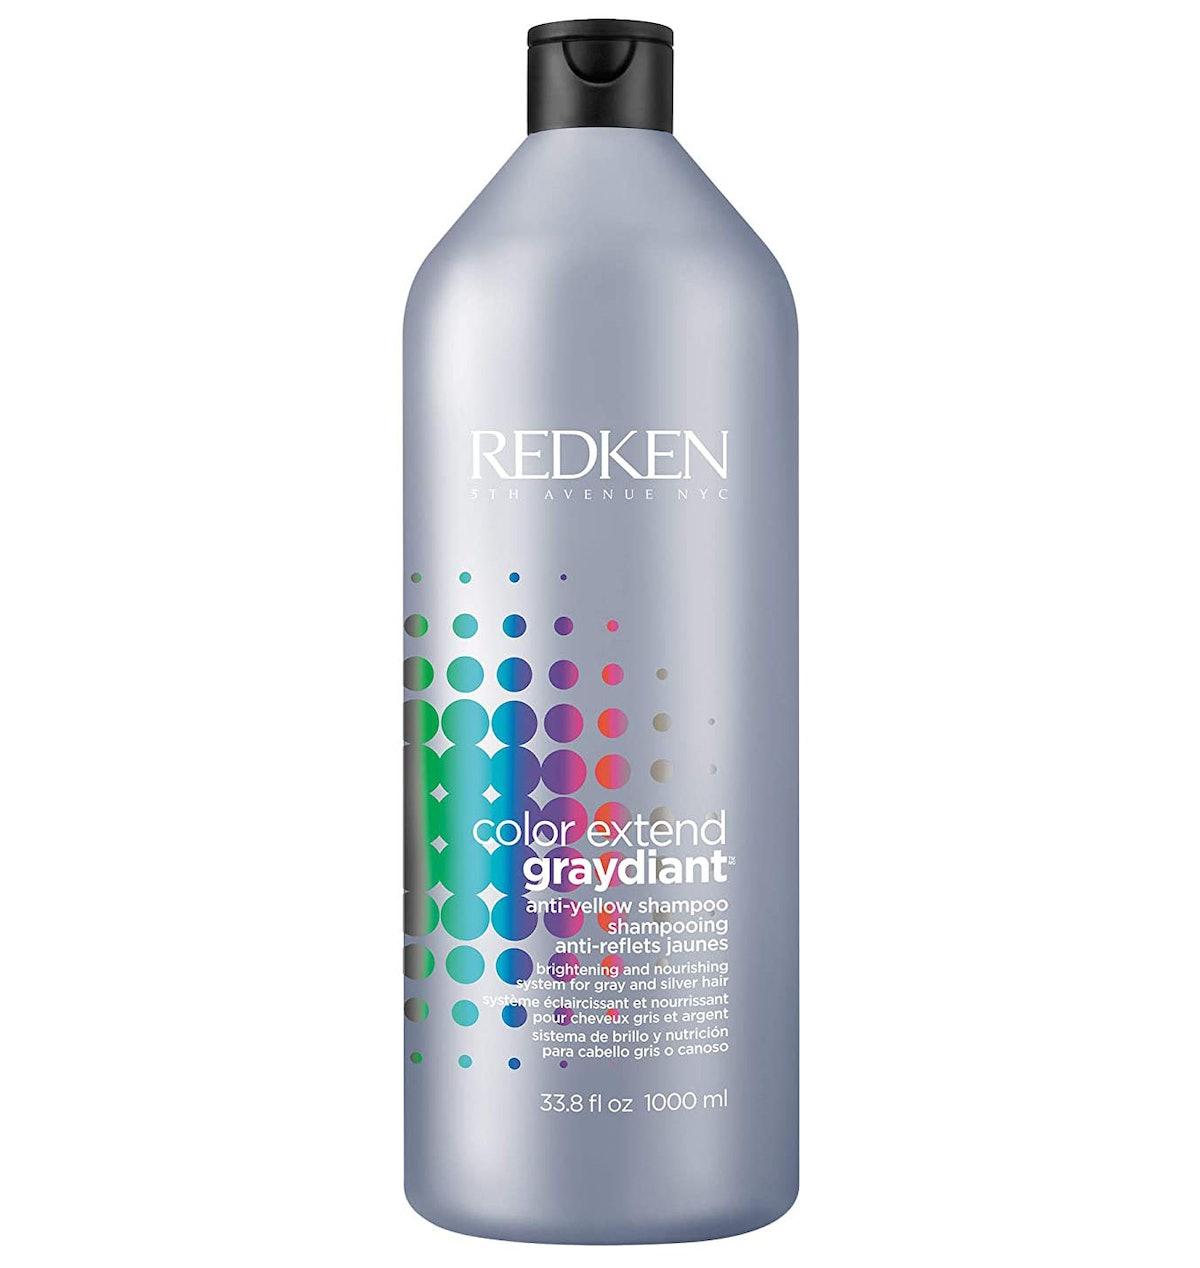 Redken Color Extend Graydiant Purple Shampoo